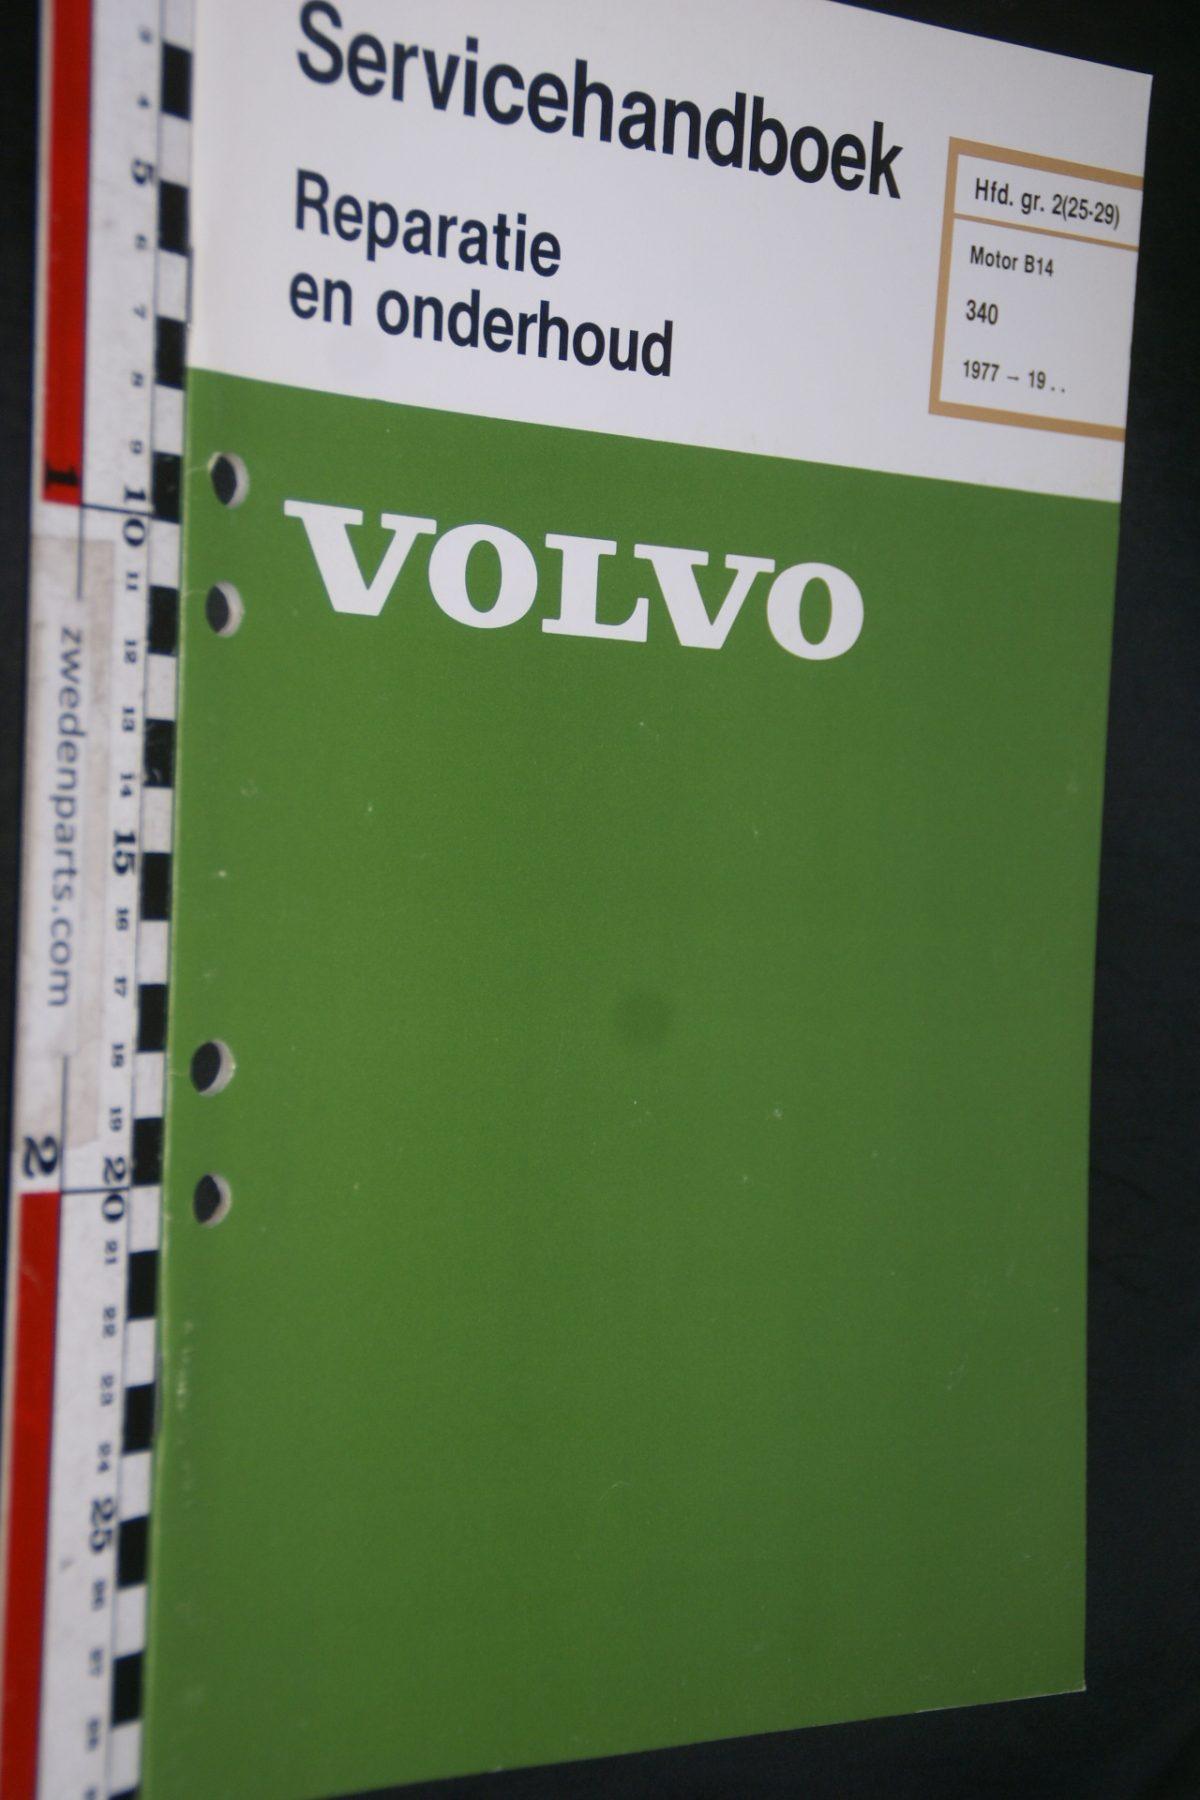 DSC06772 1979 origineel Volvo 340 servicehandboek 2(25-29) motor B14 1 van 800 TP 35005-1